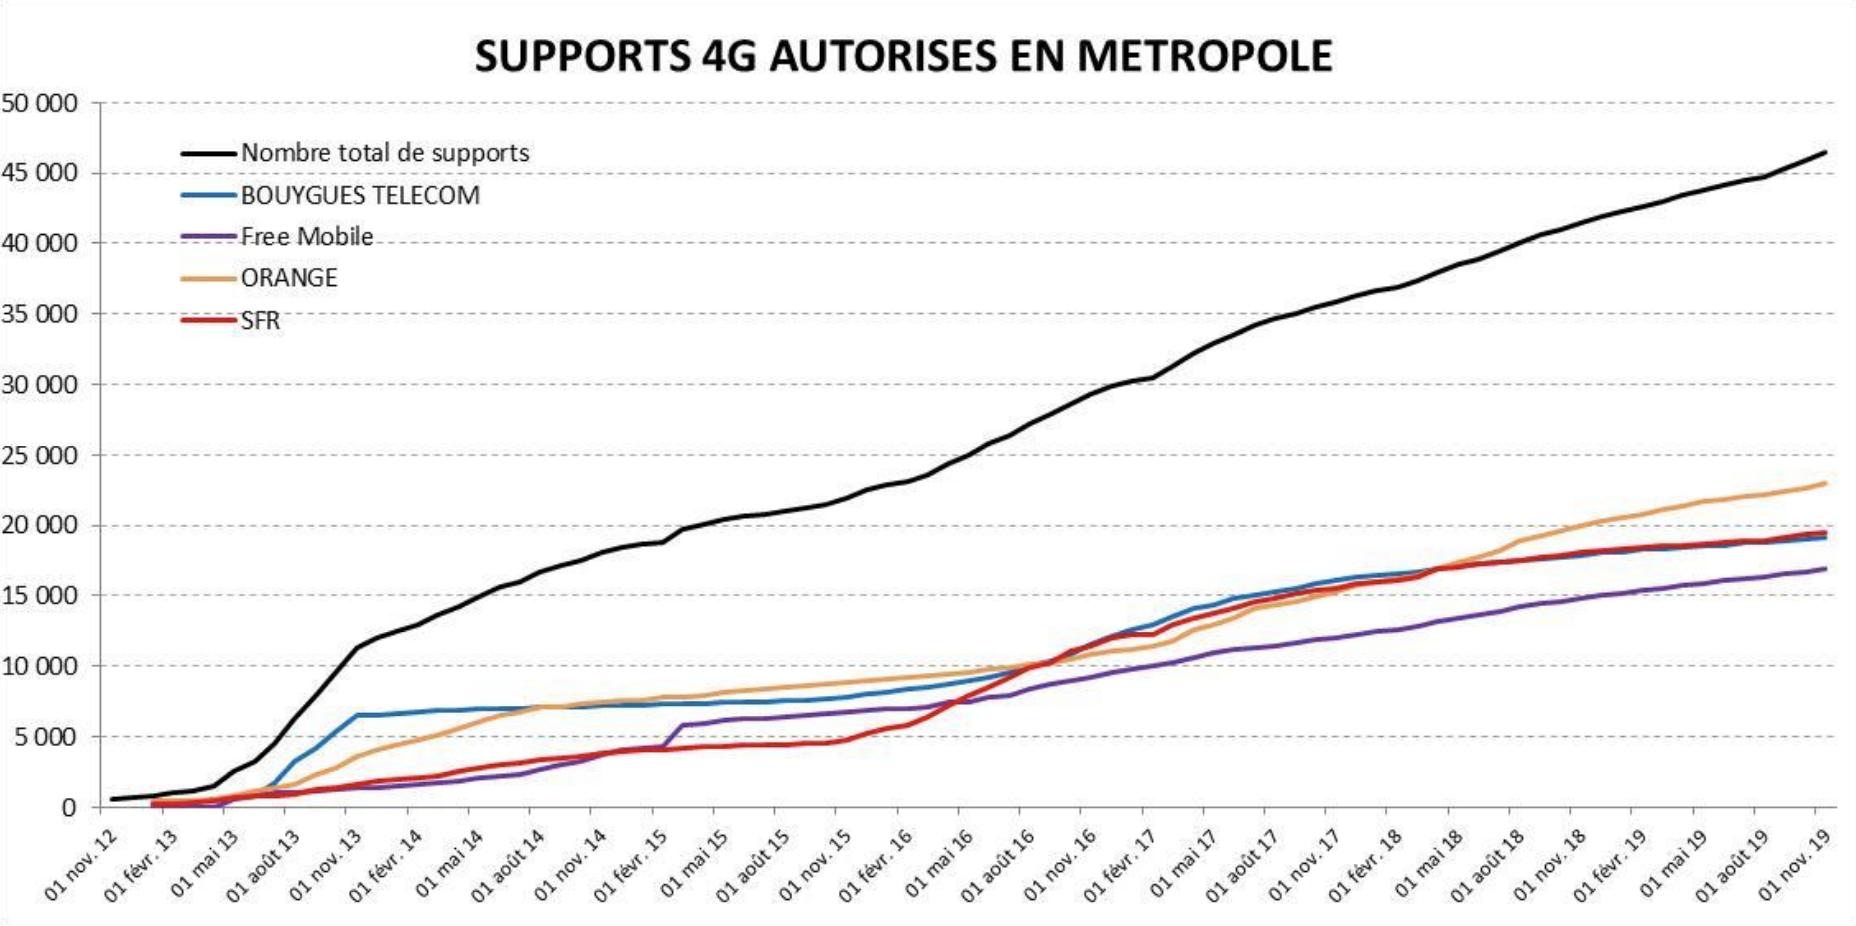 Historique des supports 4G autorisés en métropole, par opérateur depuis novembre 2012